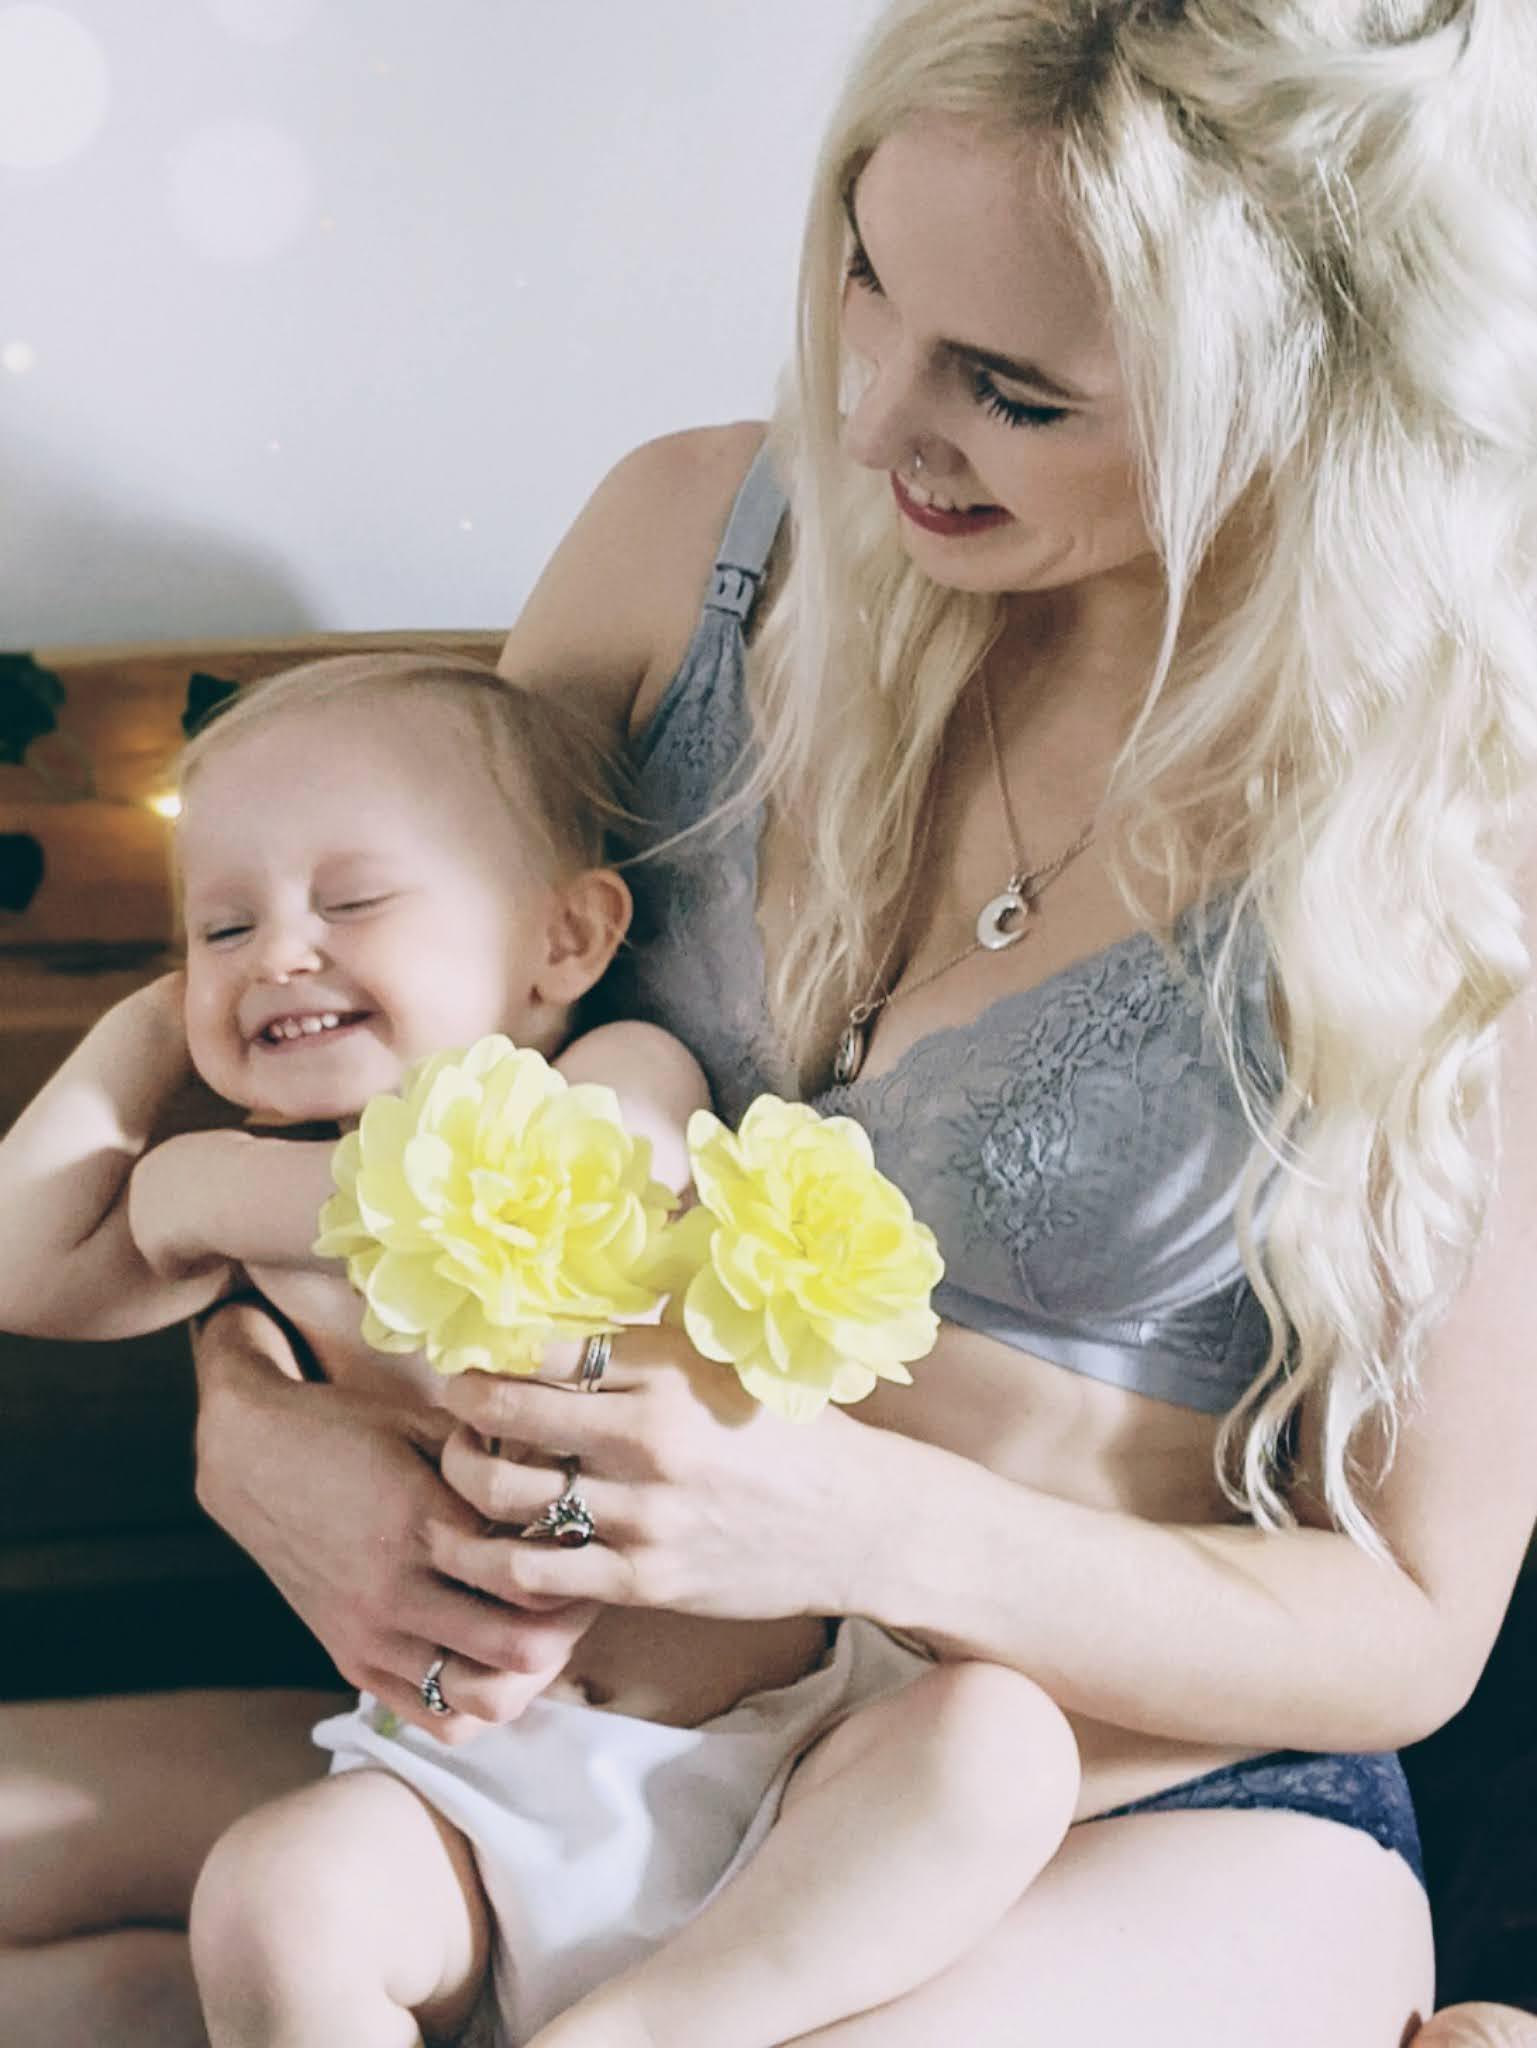 Bra & Bebe Nursing Bra littlepackofvegans